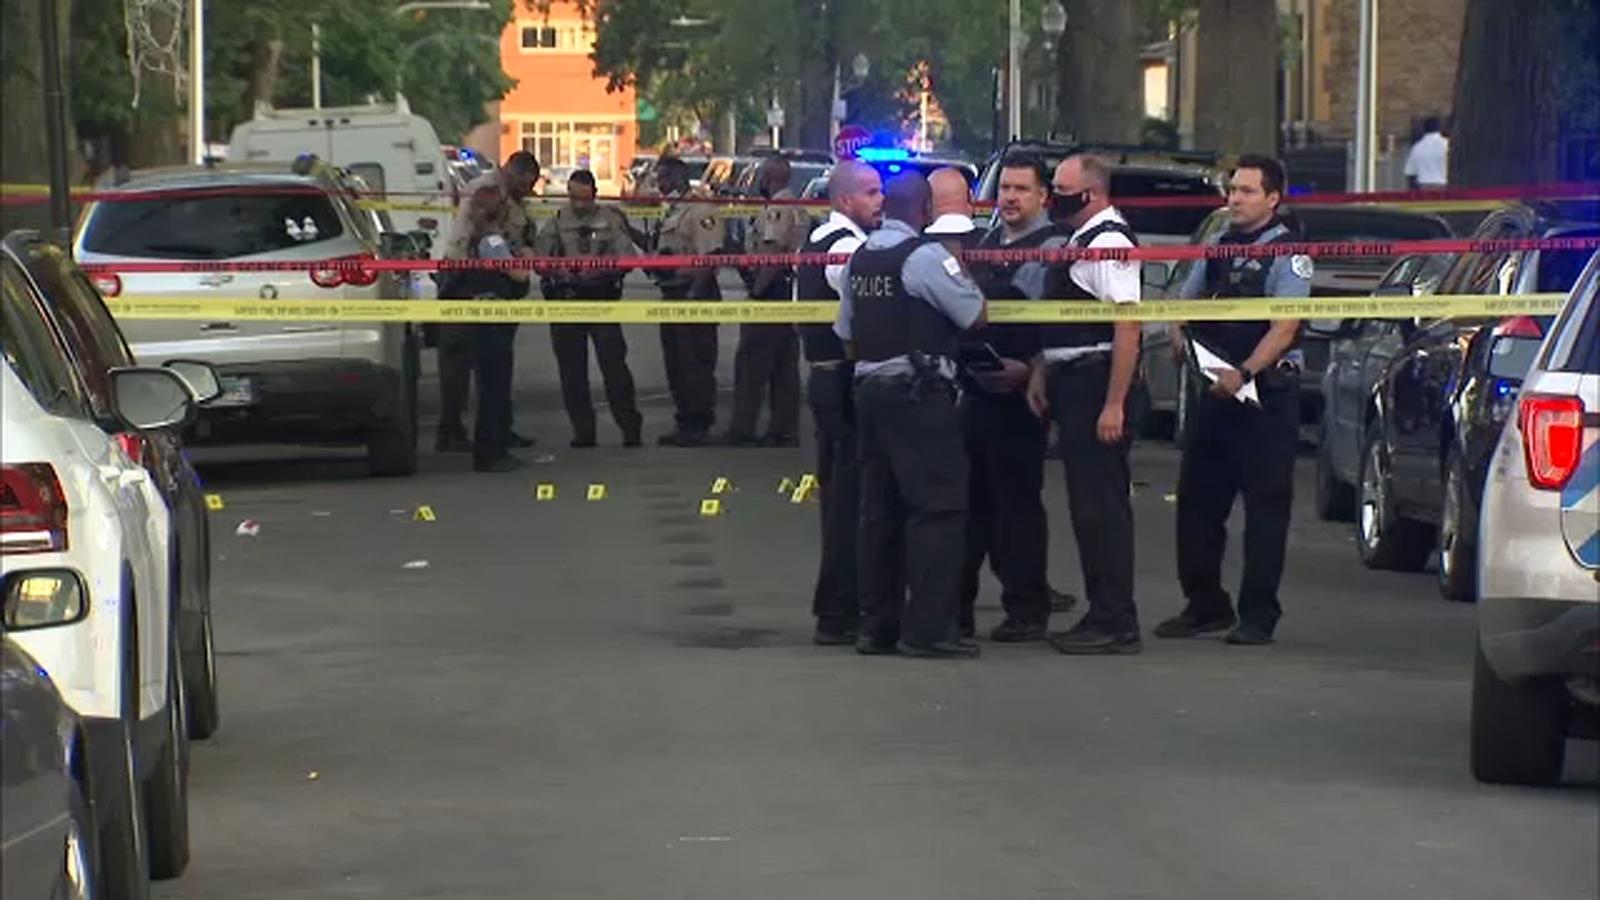 مقتل 4 أشخاص بإطلاق نار في شيكاغو